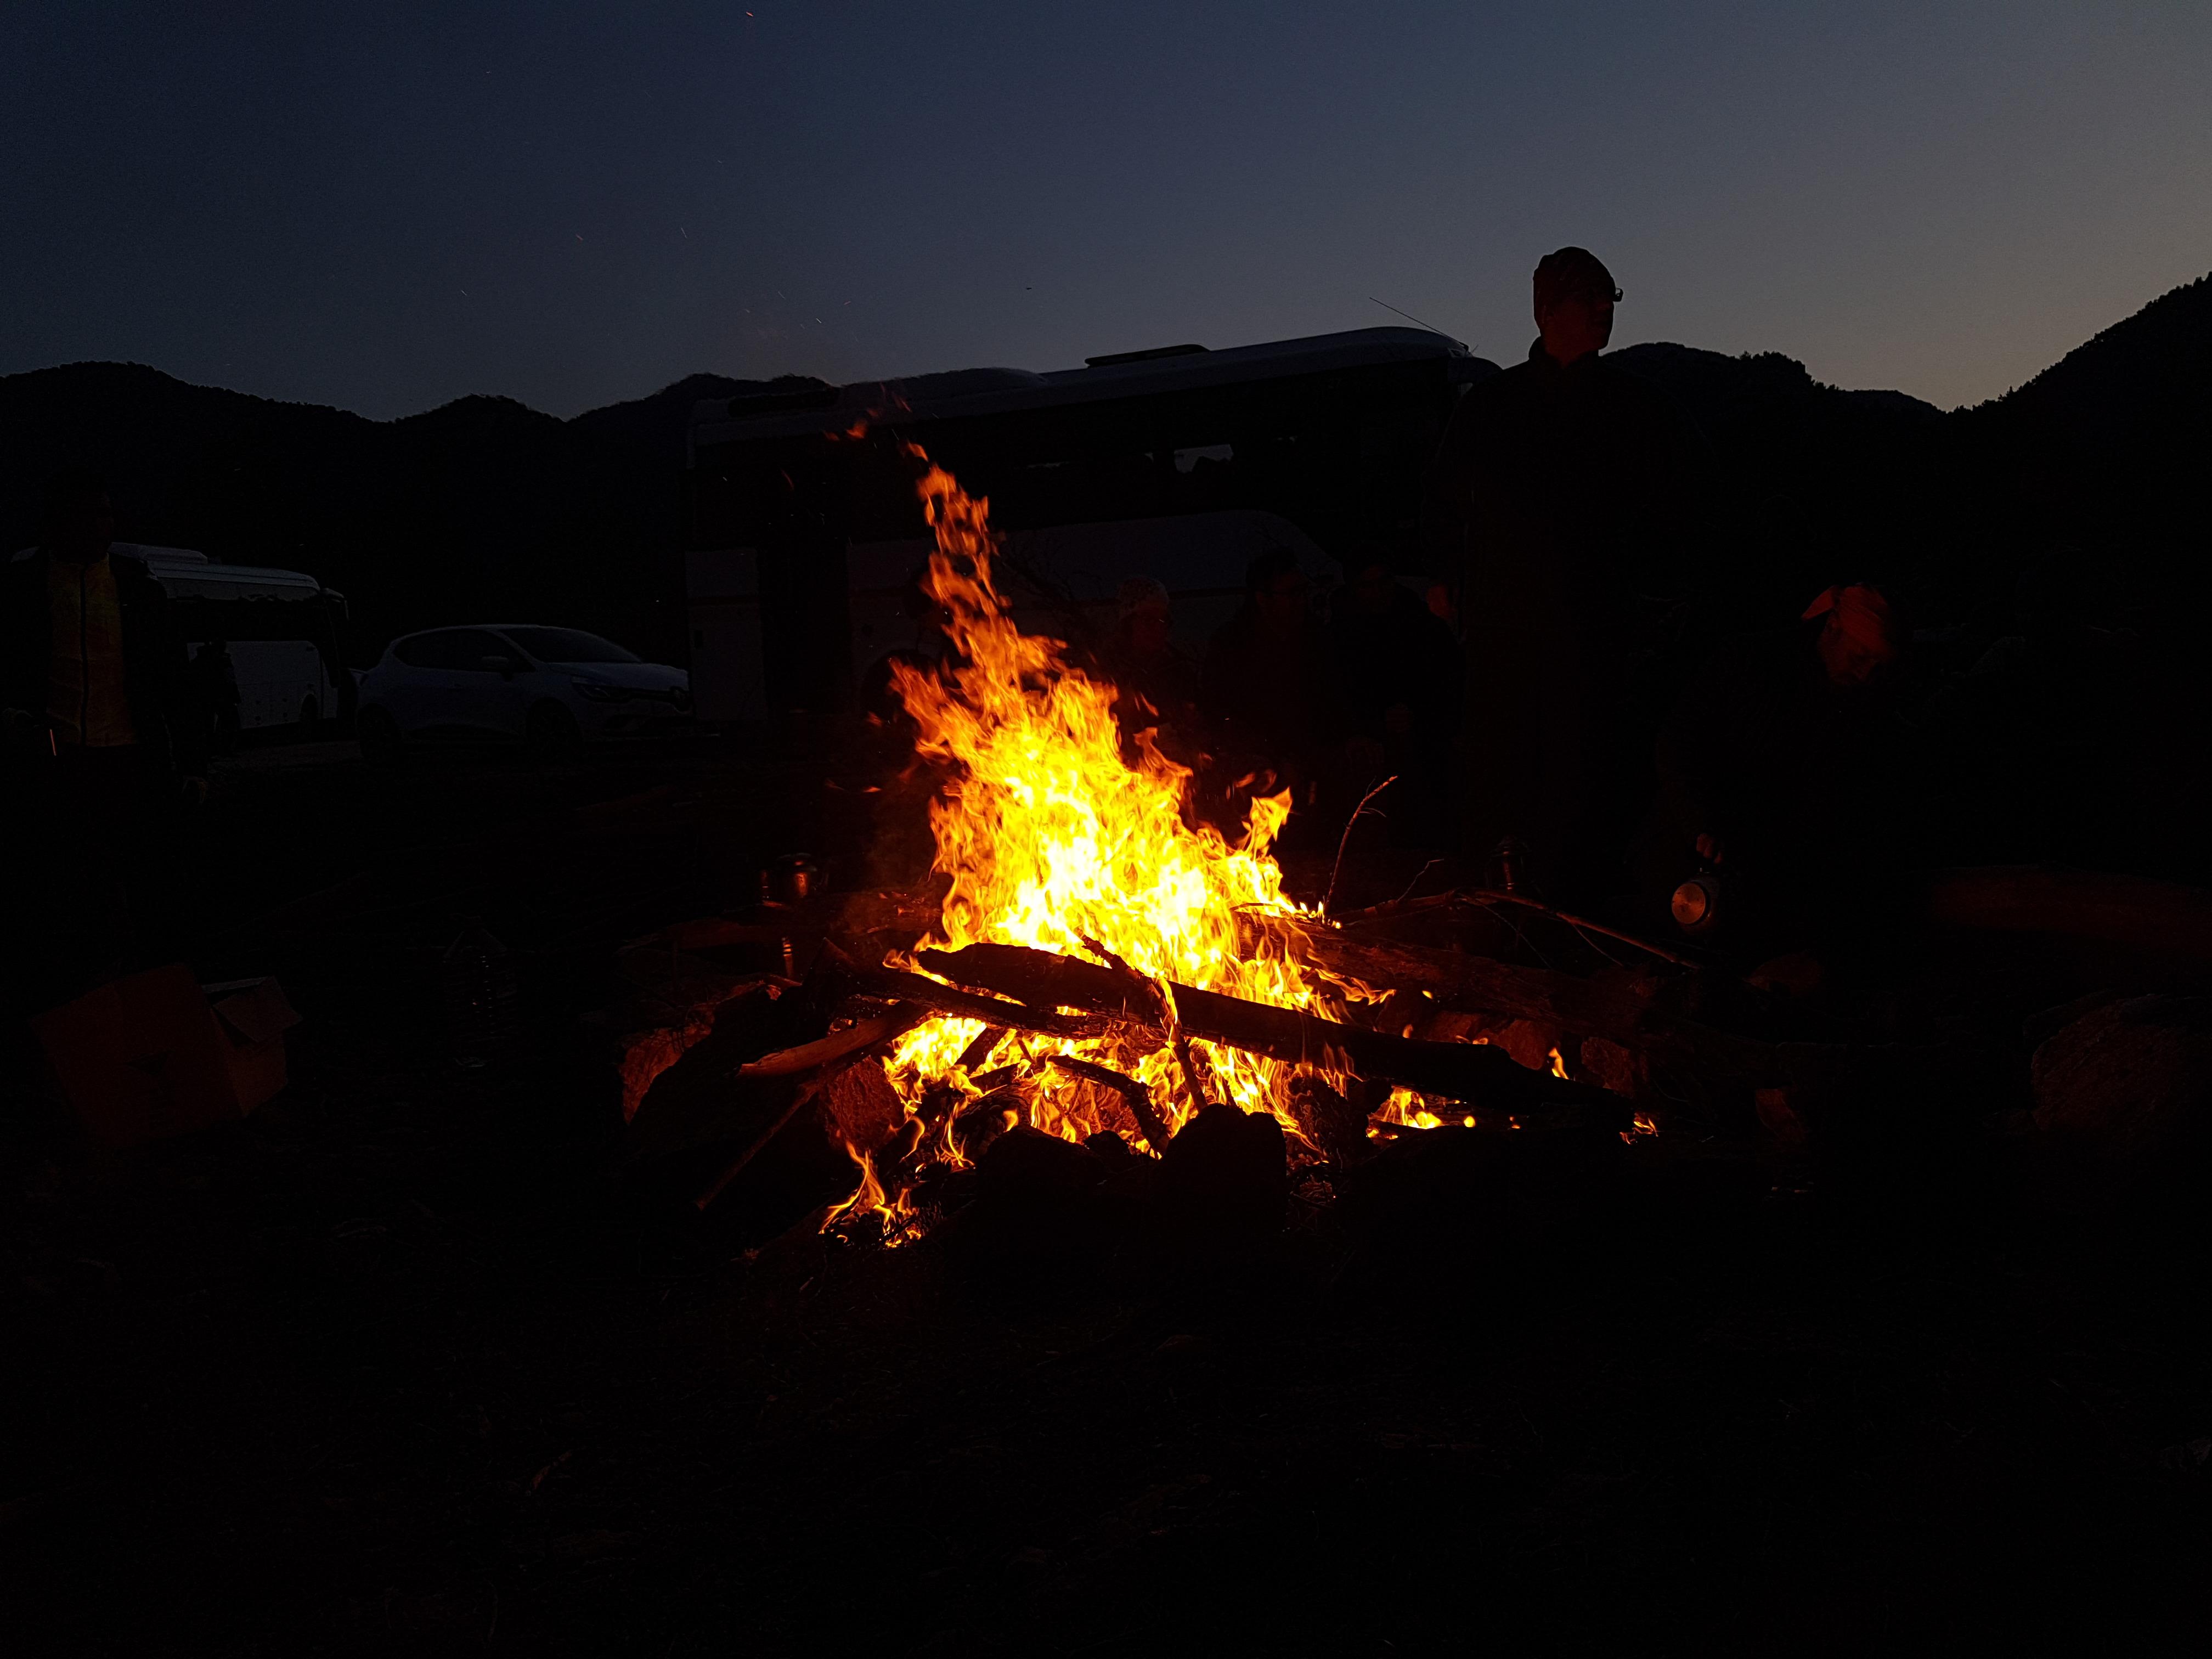 Sülüklü Göl, Manisa kamp ateşi